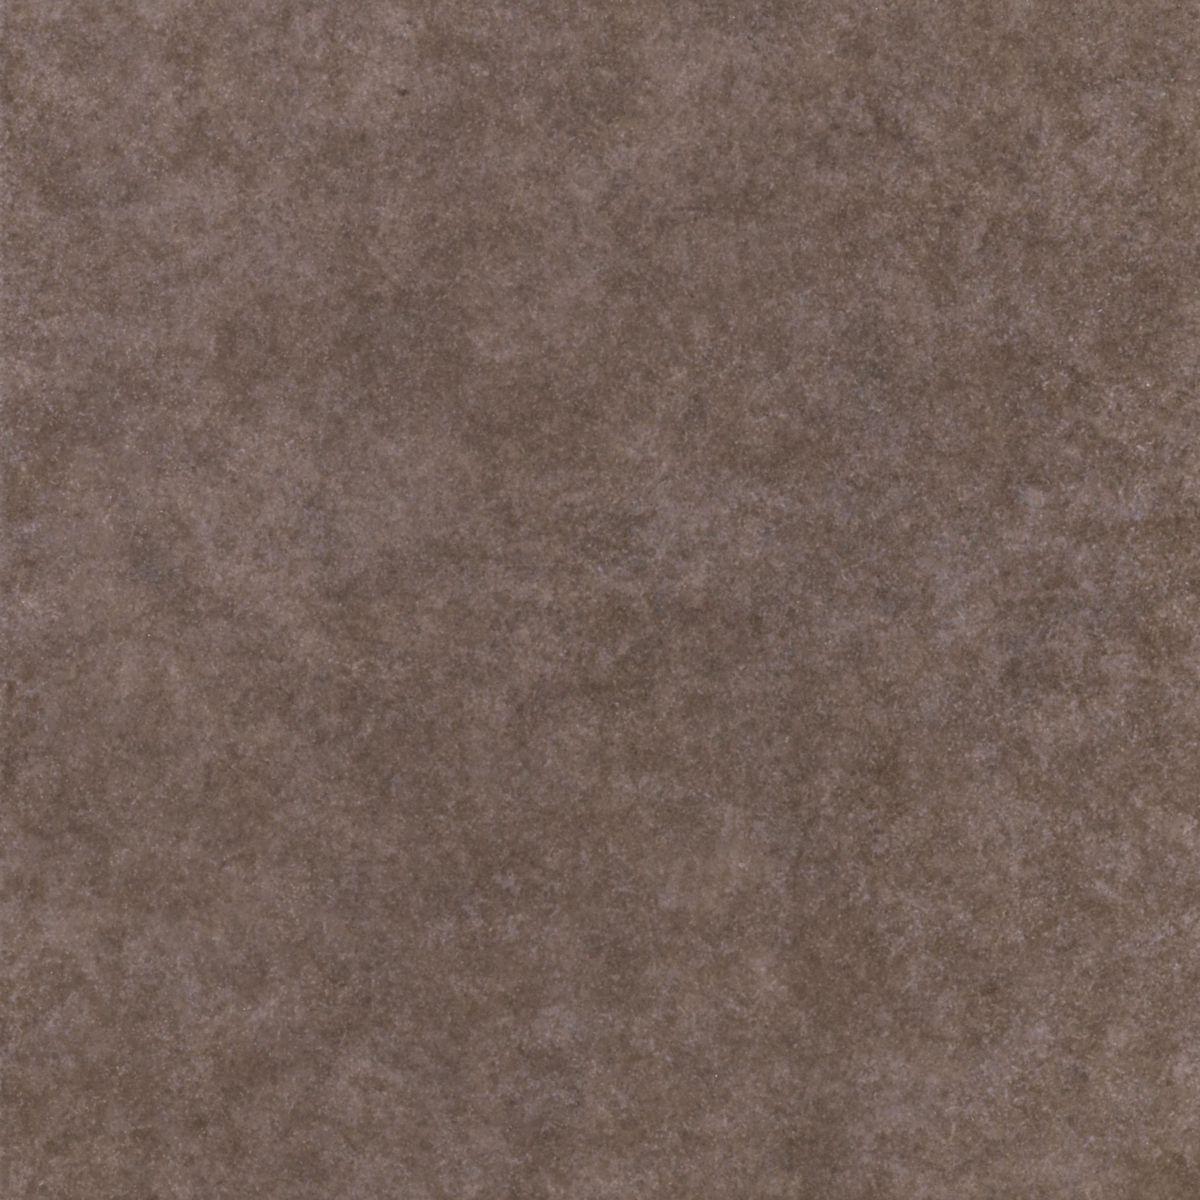 PORTOCERAM - Plinthe carrelage sol intérieur grès cérame émaillé London - marron mat - 7,5x41 cm ...